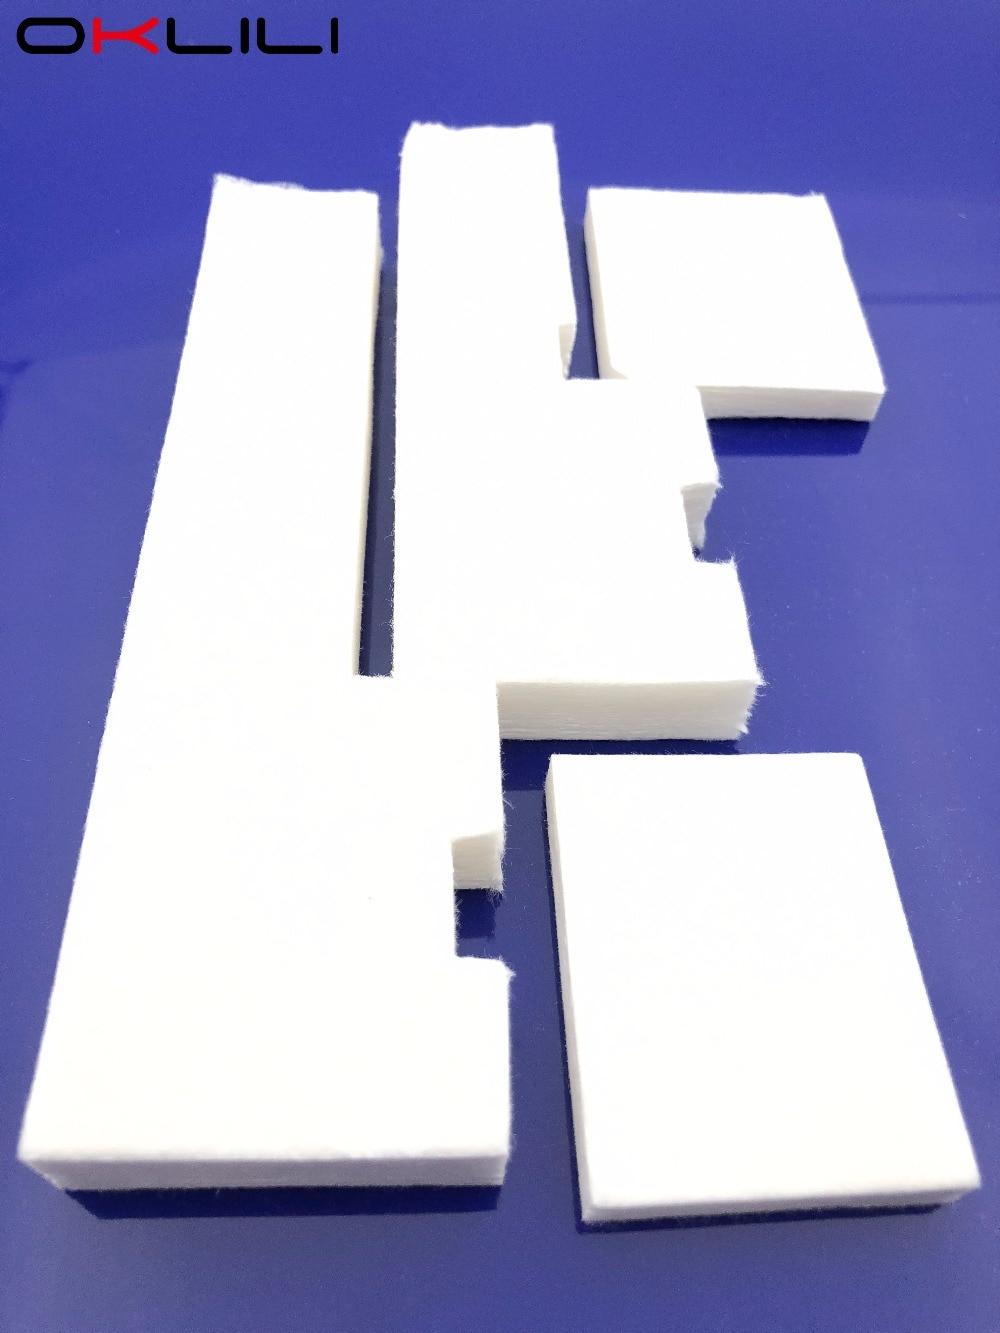 1 комплект х Губка для резервуара для отработанных чернил для Epson L300 L301 L303 L310 L350 L351 L353 L358 L355 L111 L110 L210 L211 ME101 ME303 ME401